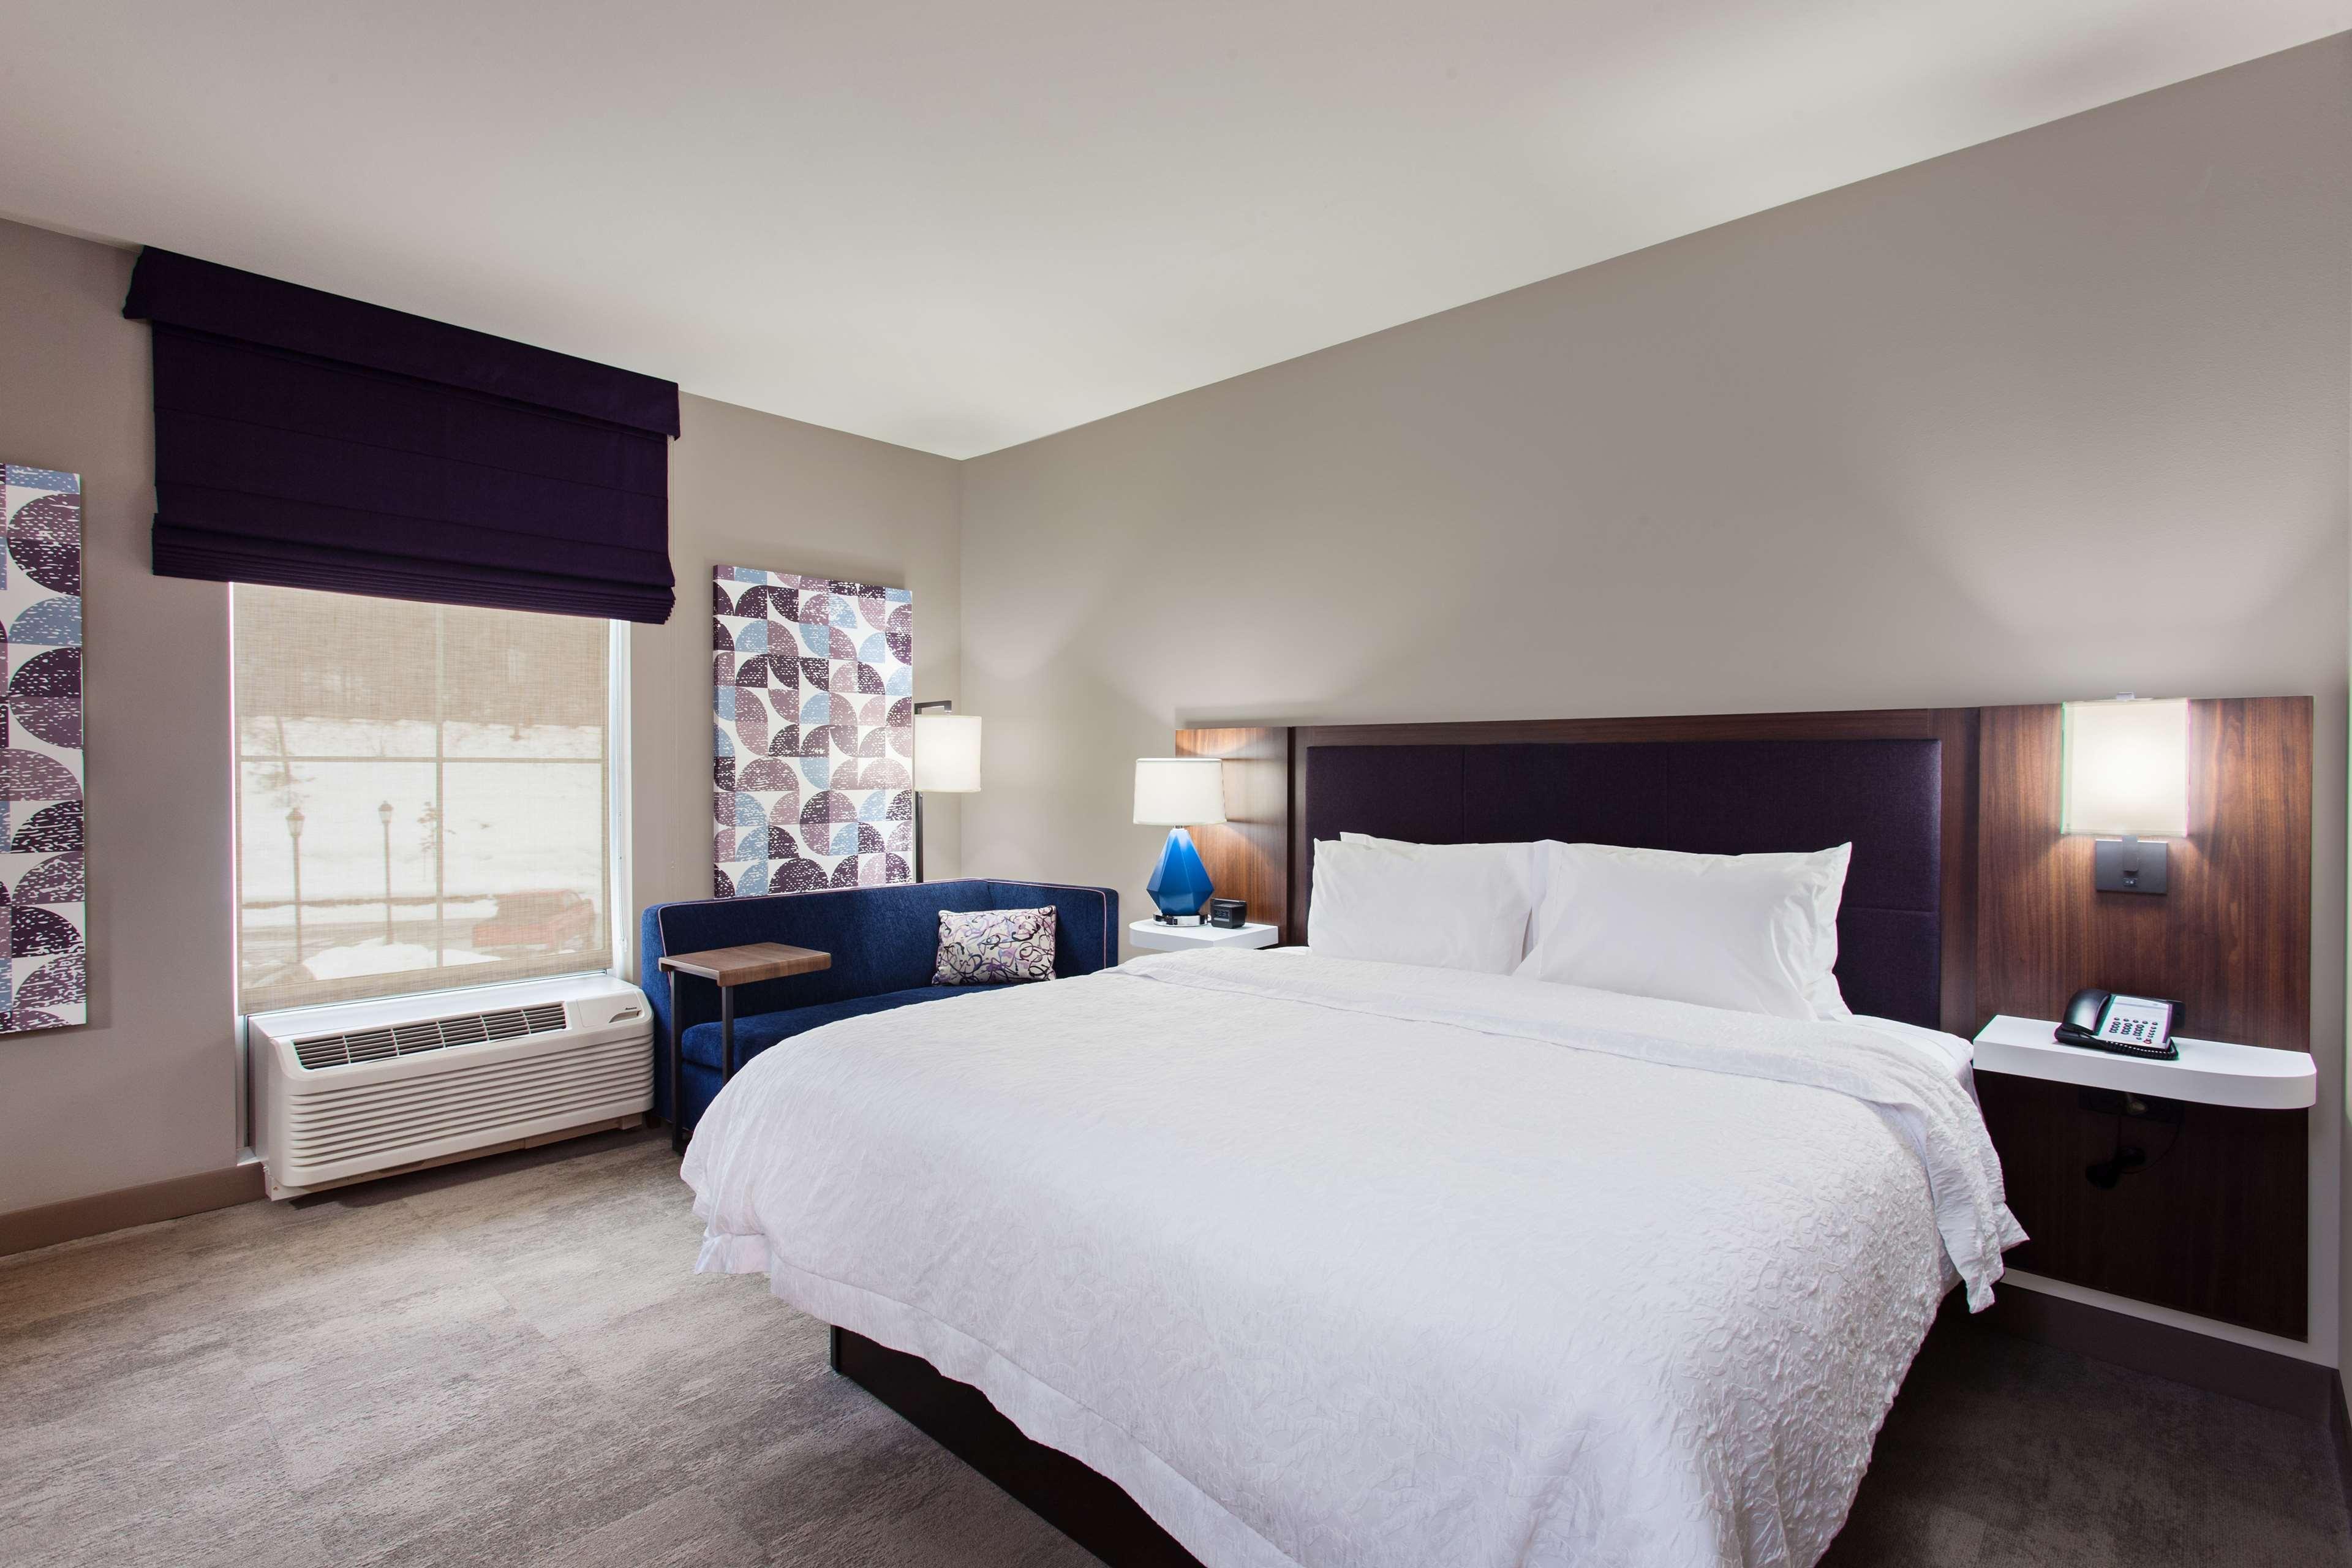 Hampton Inn & Suites Leavenworth image 20